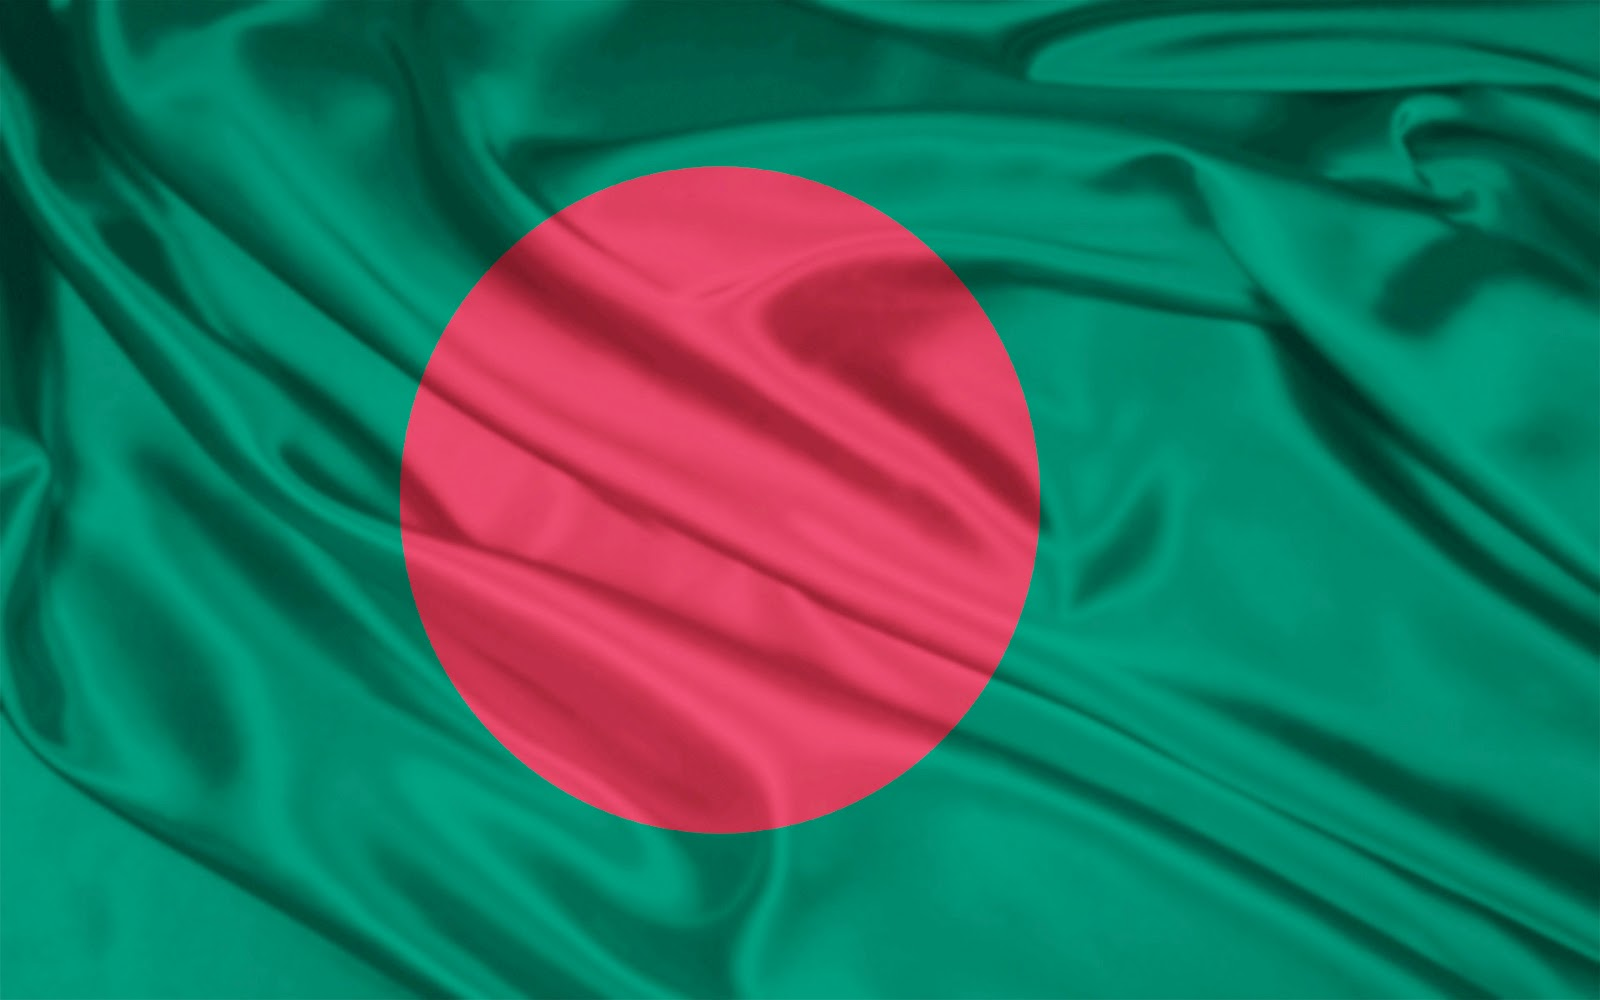 http://1.bp.blogspot.com/--bVGkEC9d4M/T_tC9Bk2UiI/AAAAAAAAADk/ub4CtflUXPo/s1600/Bangladeshi+Flag.jpg